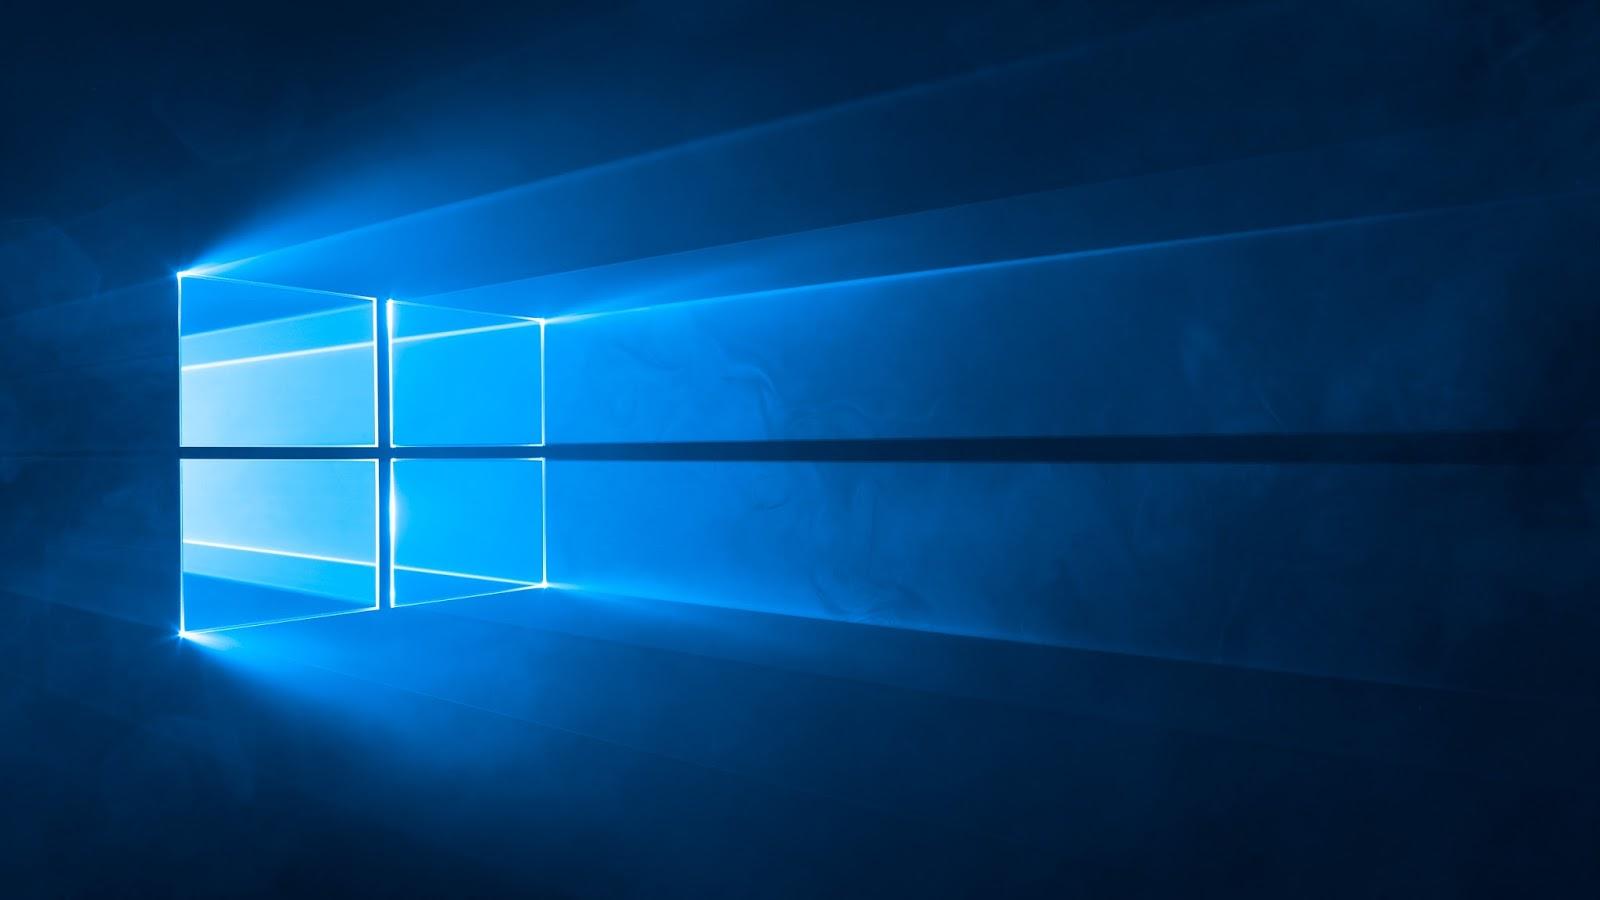 windows 10 hd desktop wallpaper wallpapersafari